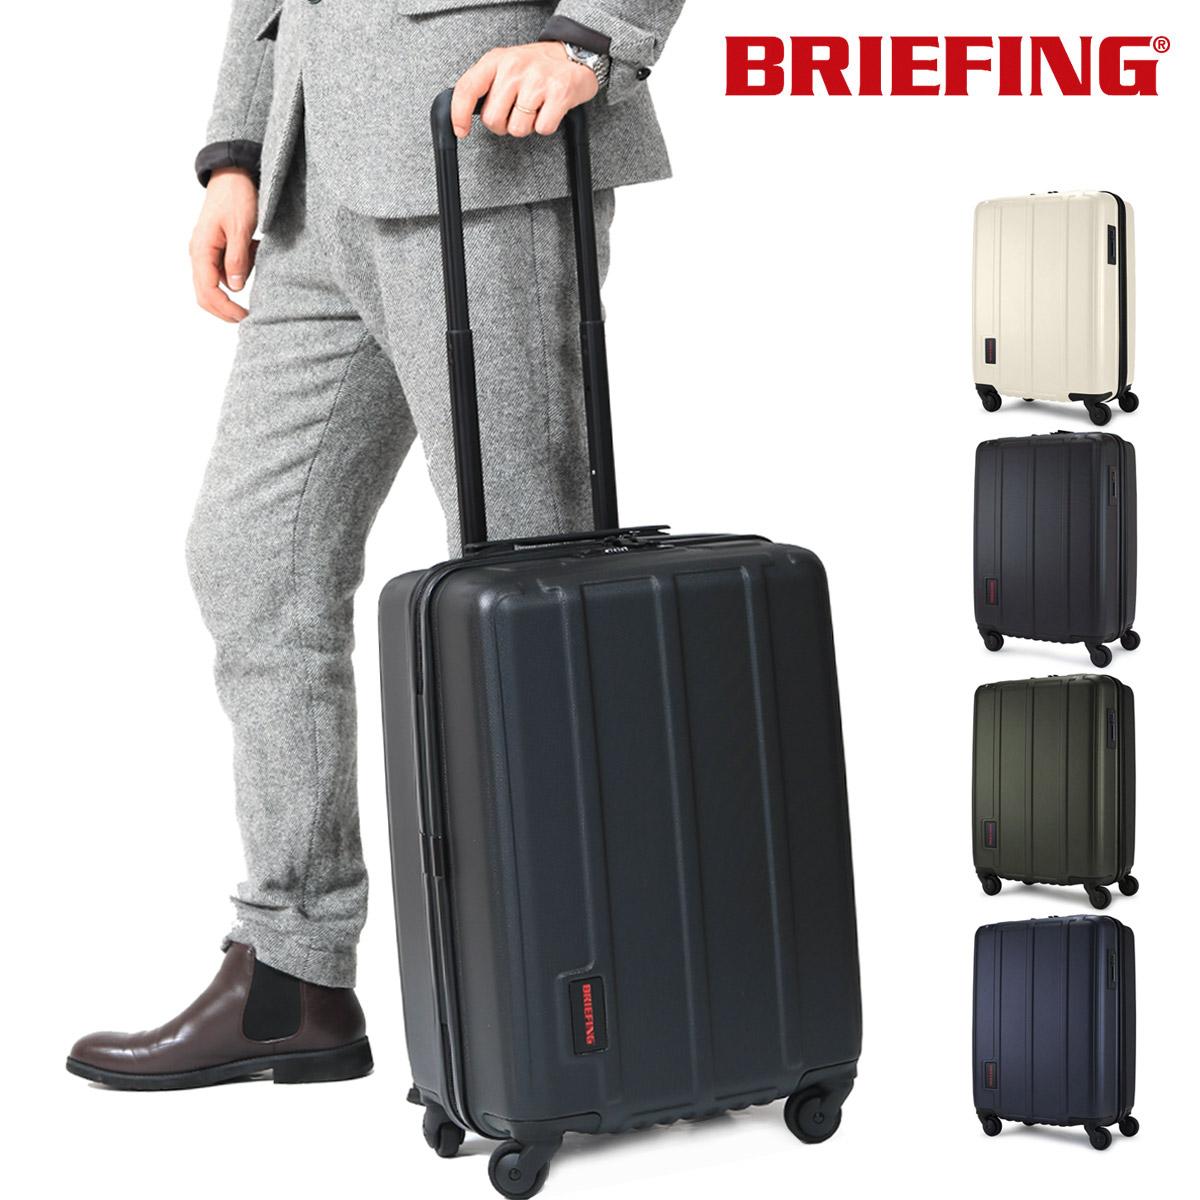 ブリーフィング スーツケース|37L 48.5cm 2.8kg BRF304219 H-37|ハード ファスナー 静音 TSAロック搭載 キャリーケース ビジネスキャリー [PO10][bef][即日発送]